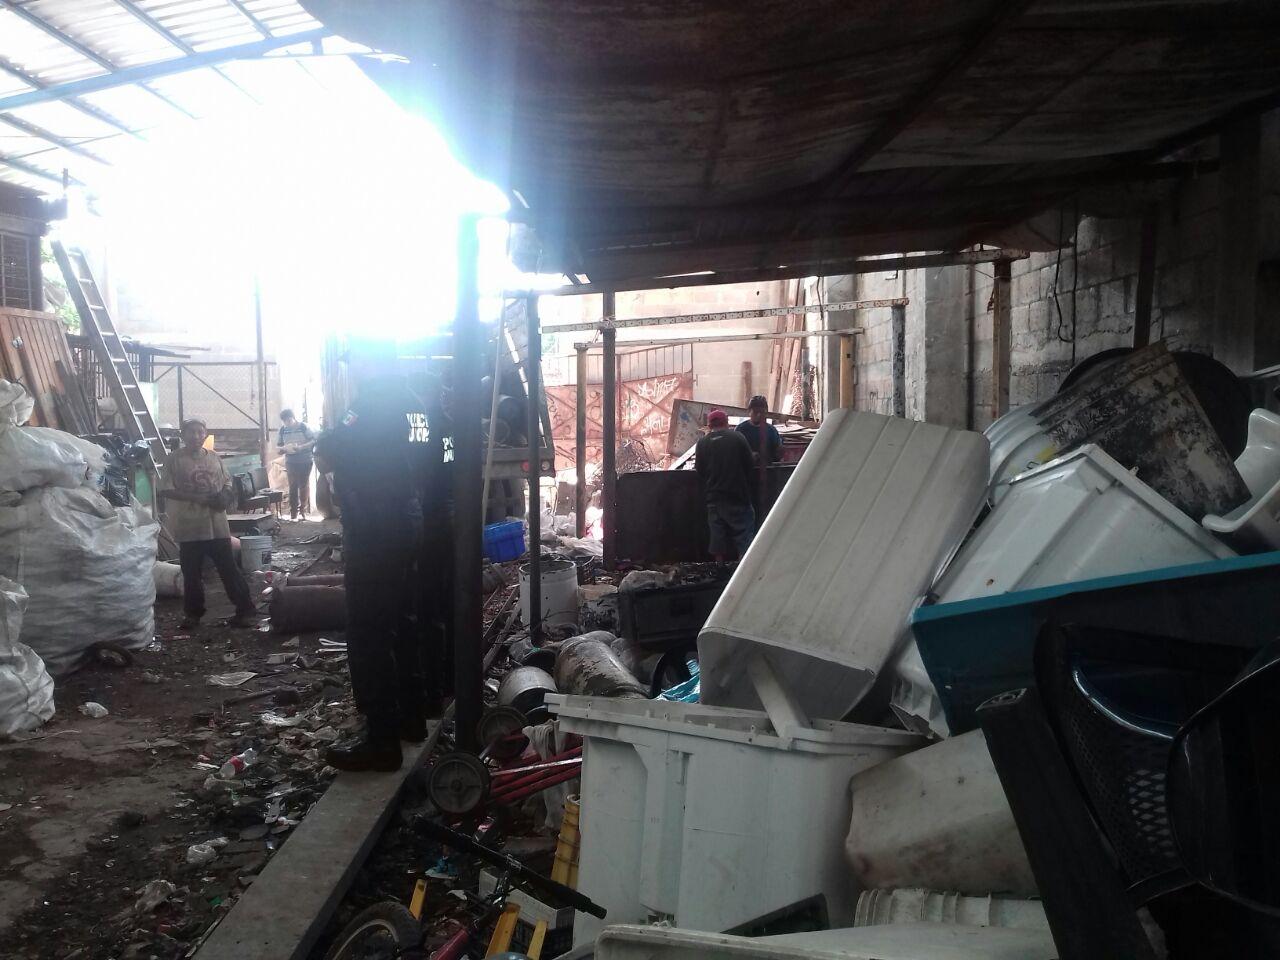 Cierran recicladora en centro de Umán